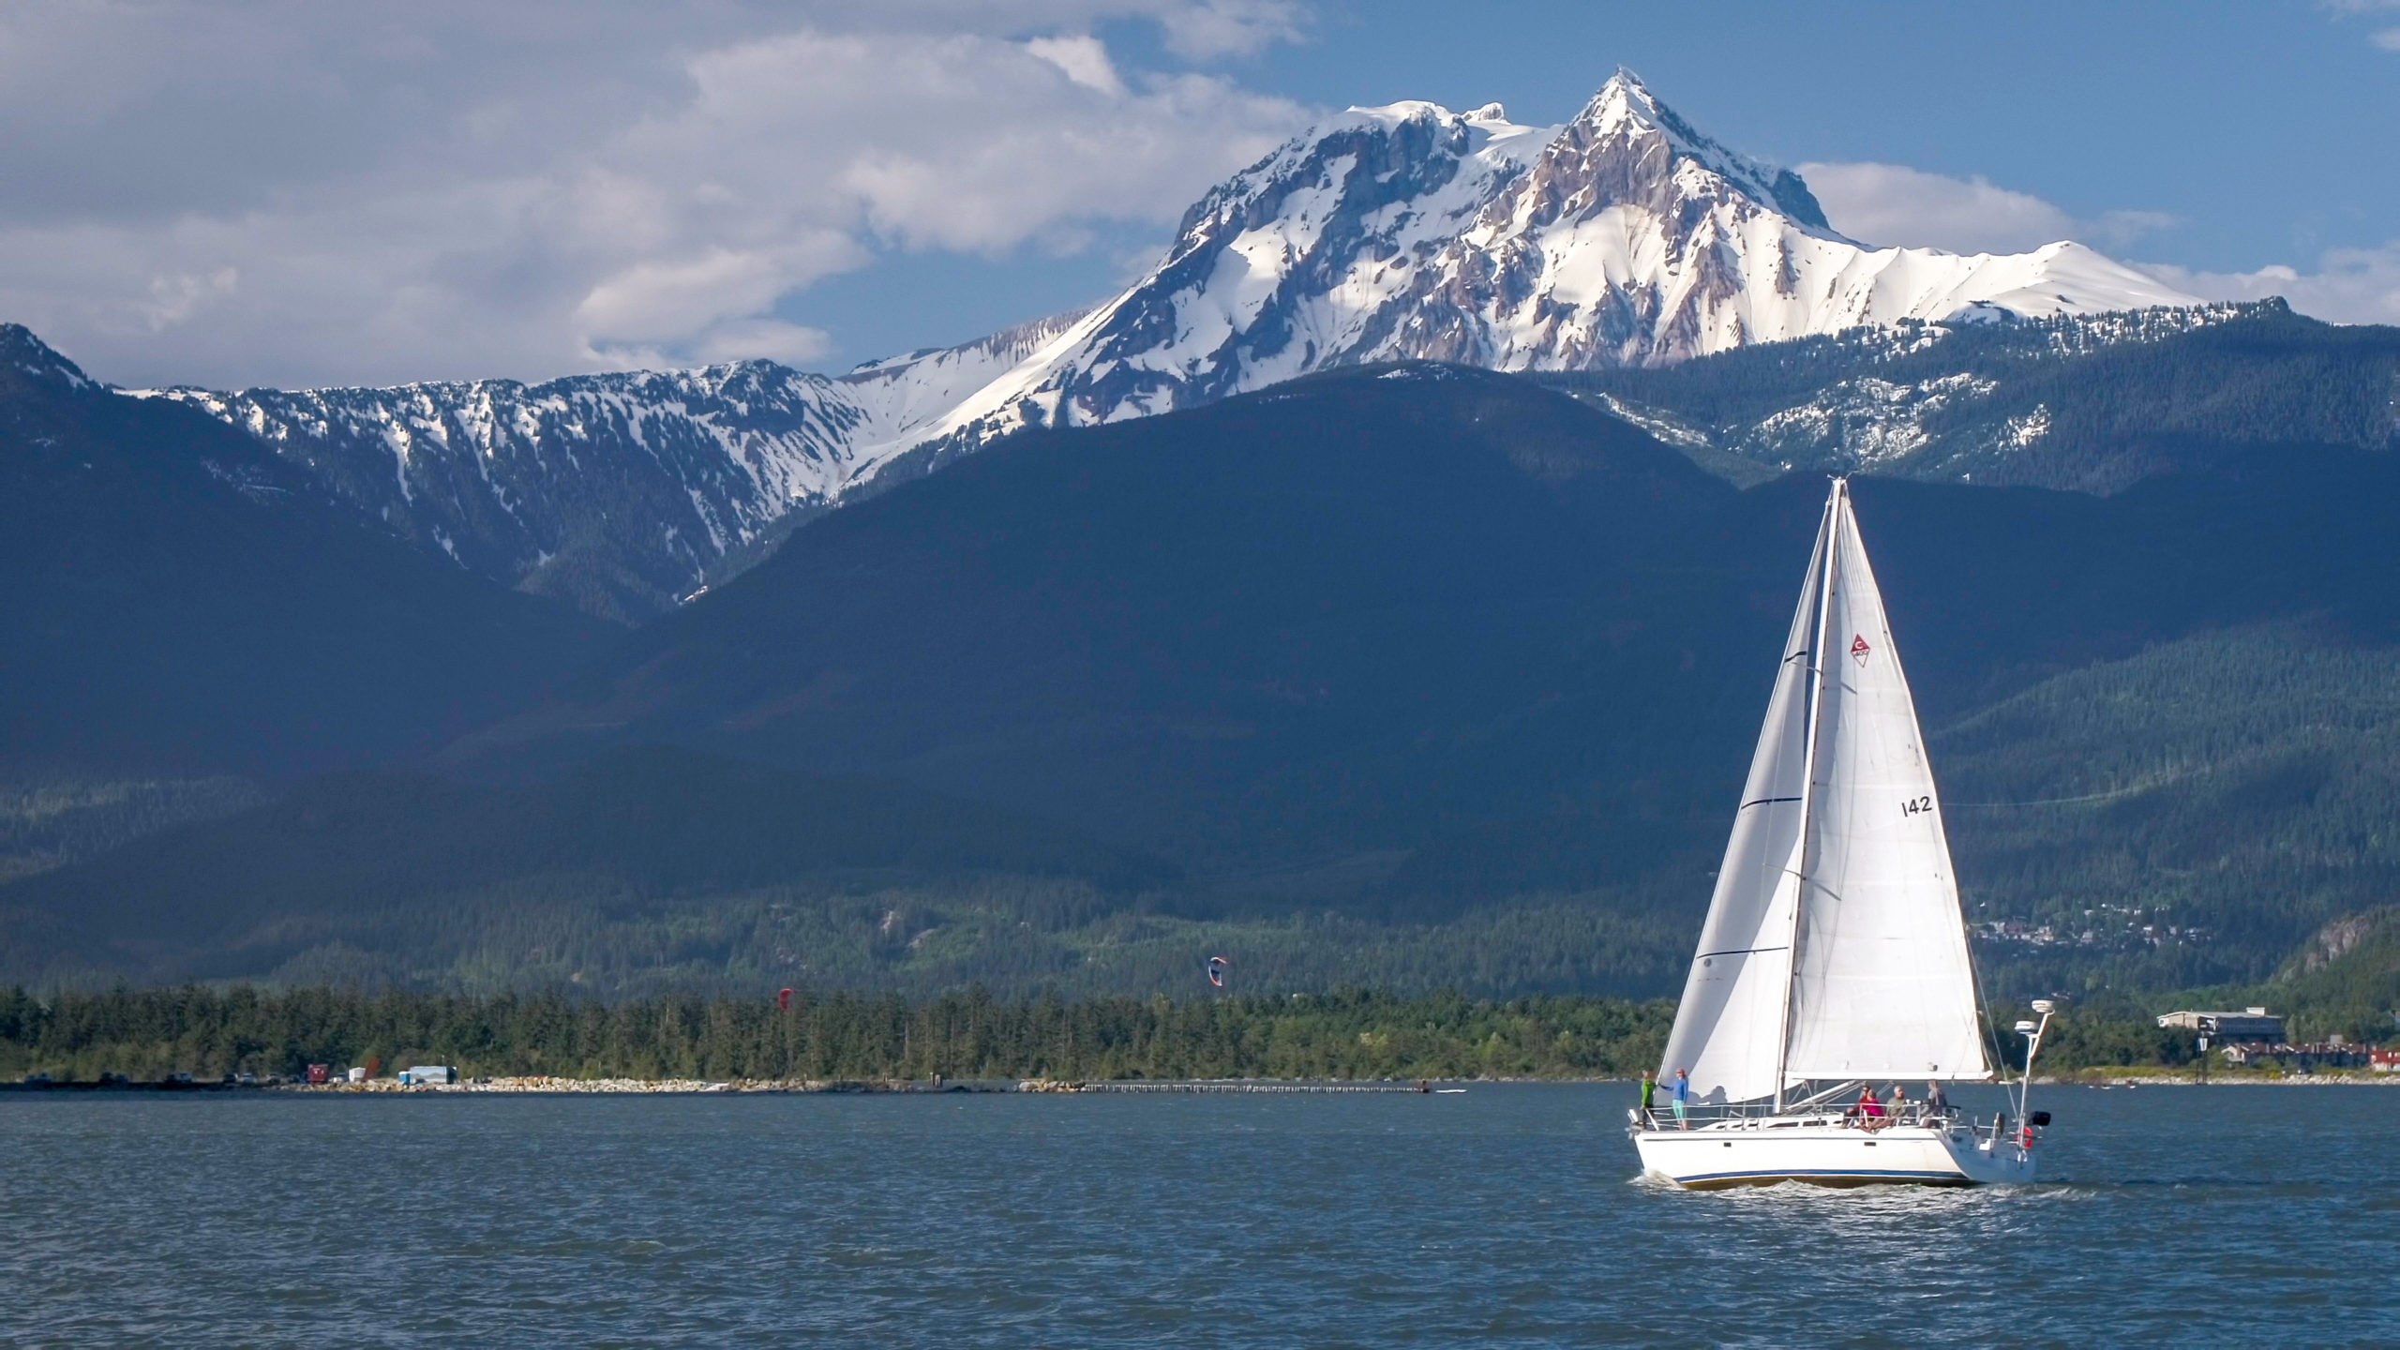 Summer Sailing in Squamish